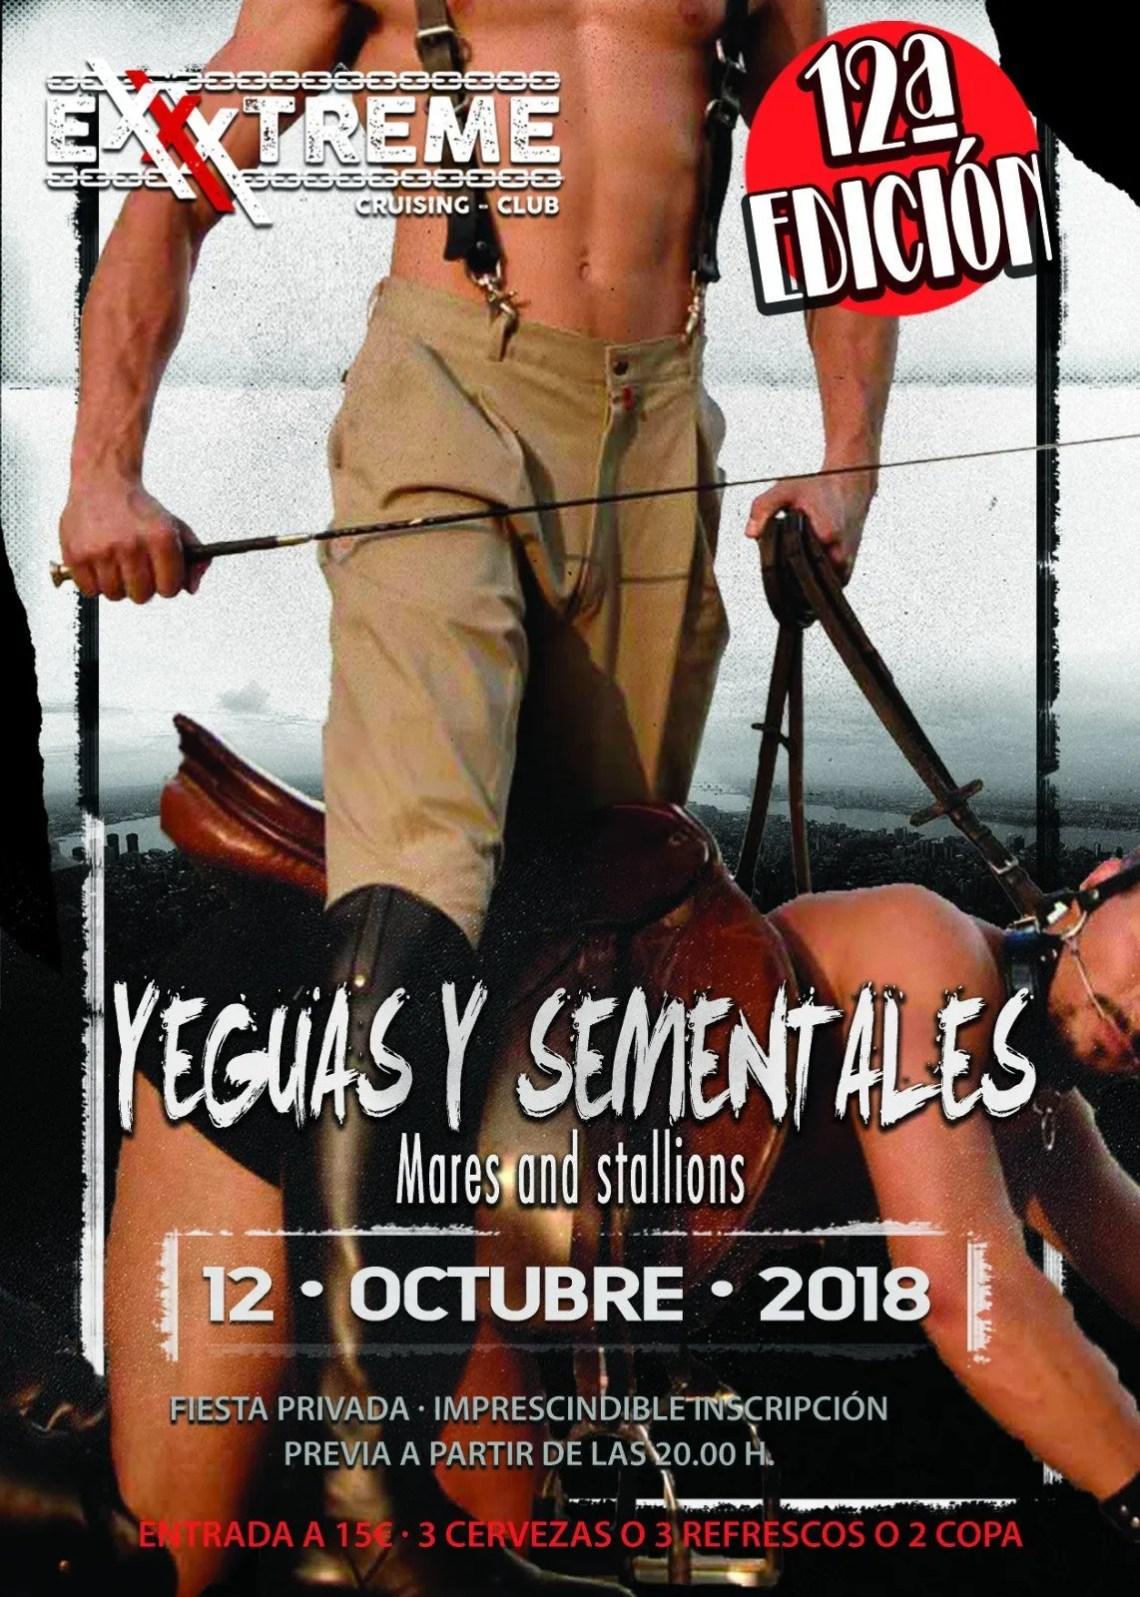 YEGUAS Y SEMENTALES el 12 de octubre en EXXXTREME